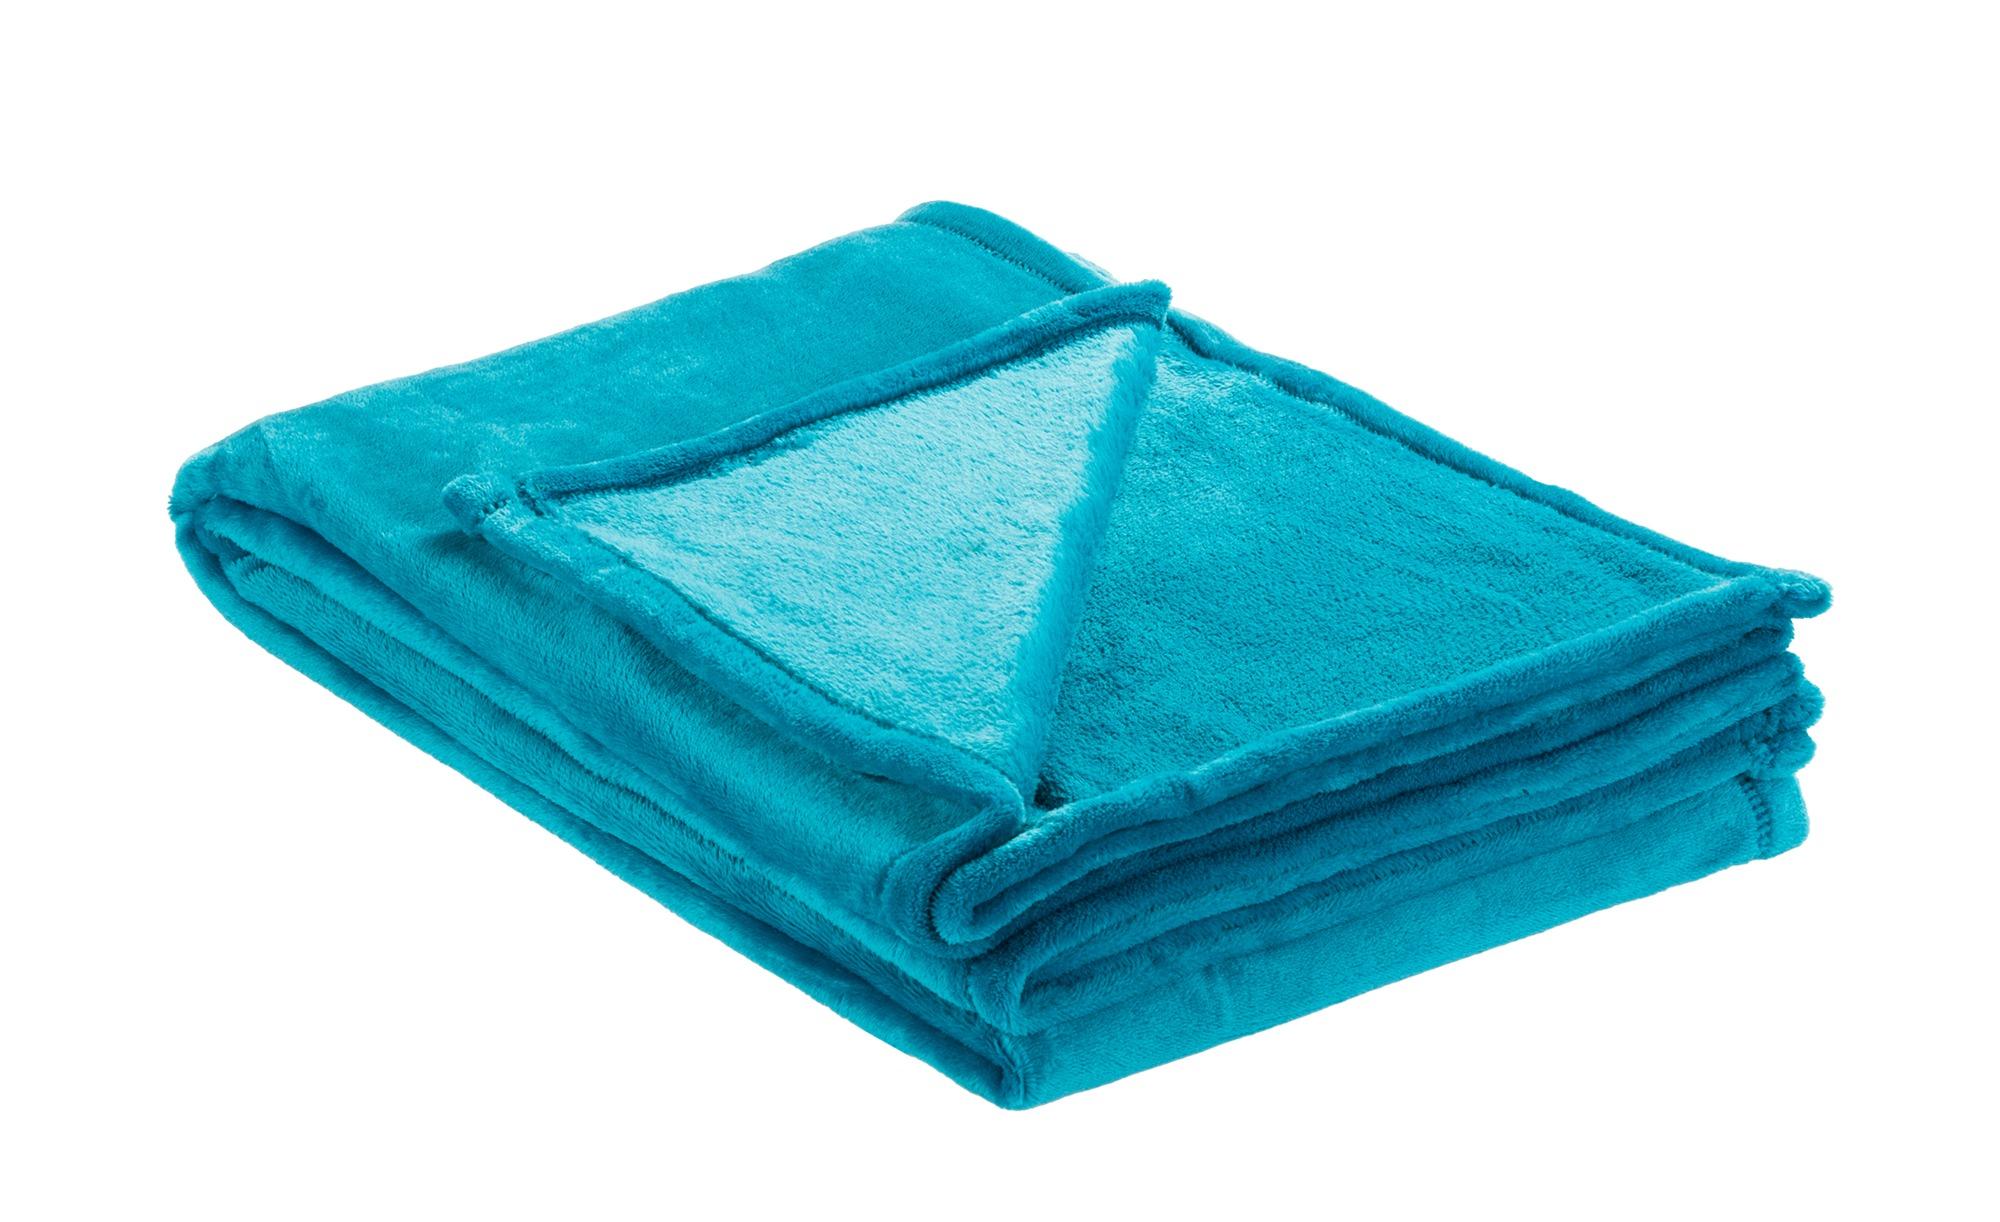 LAVIDA Soft Flauschdecke  Mirabelle ¦ blau ¦ 100% Polyester ¦ Maße (cm): B: 150 Heimtextilien > Kuscheldecken - Höffner